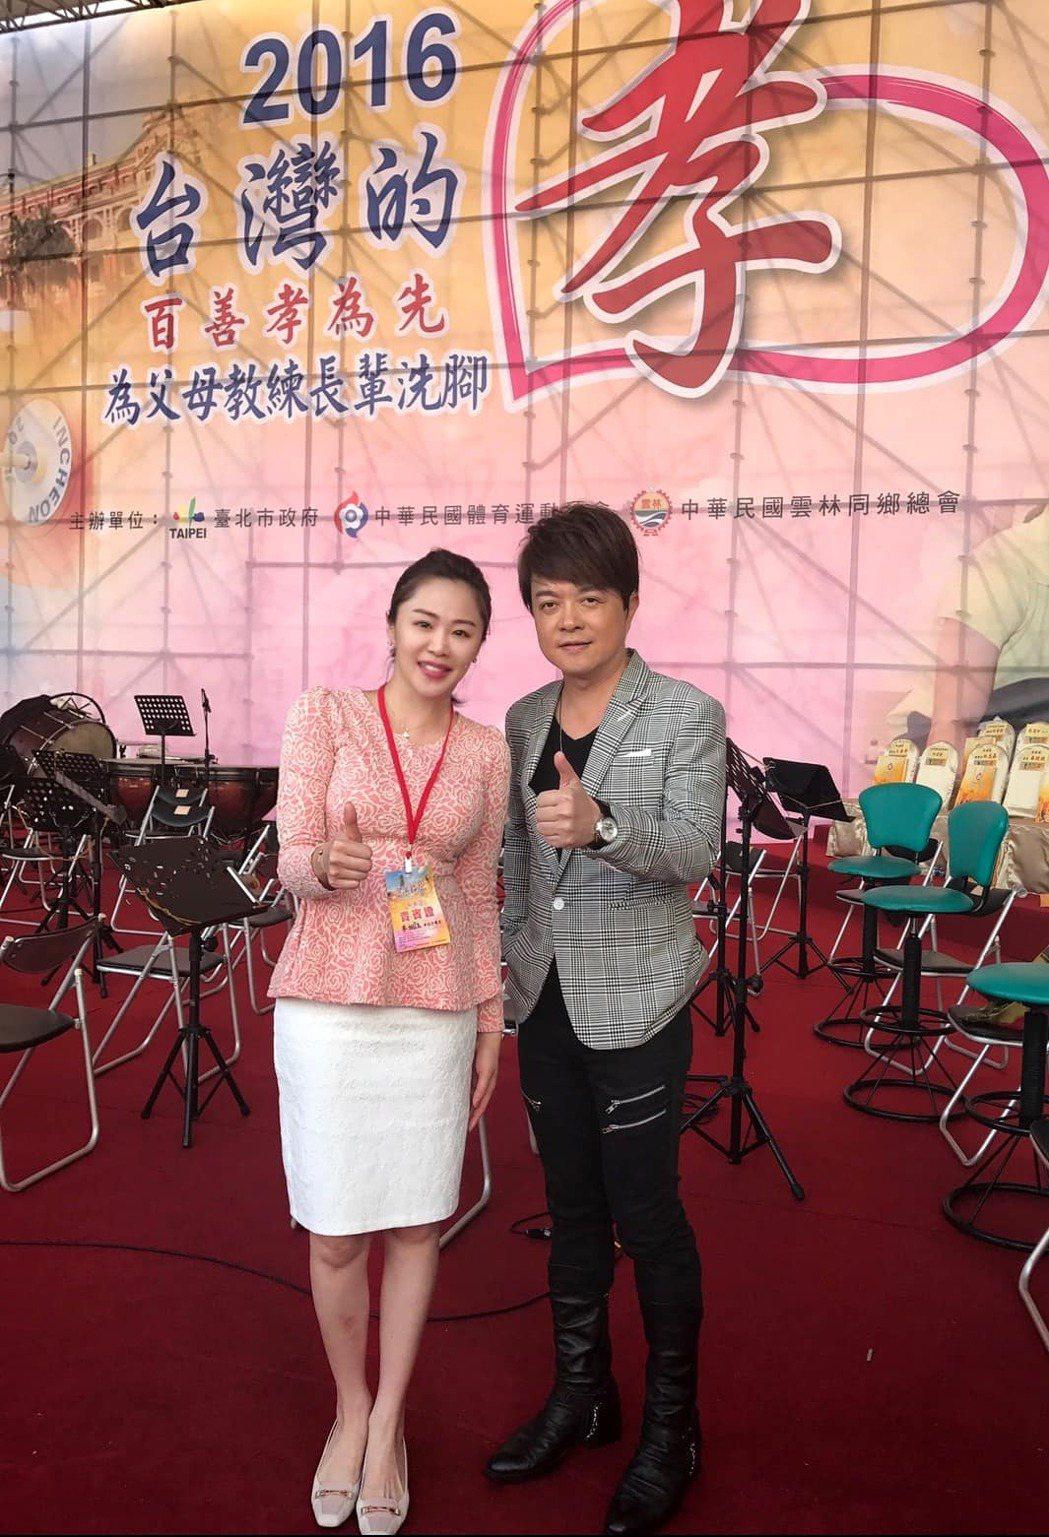 新北市前議員李婉鈺今在臉書上力挺指出,翁「絕對不會」是一個吃女生豆腐的人。圖/擷